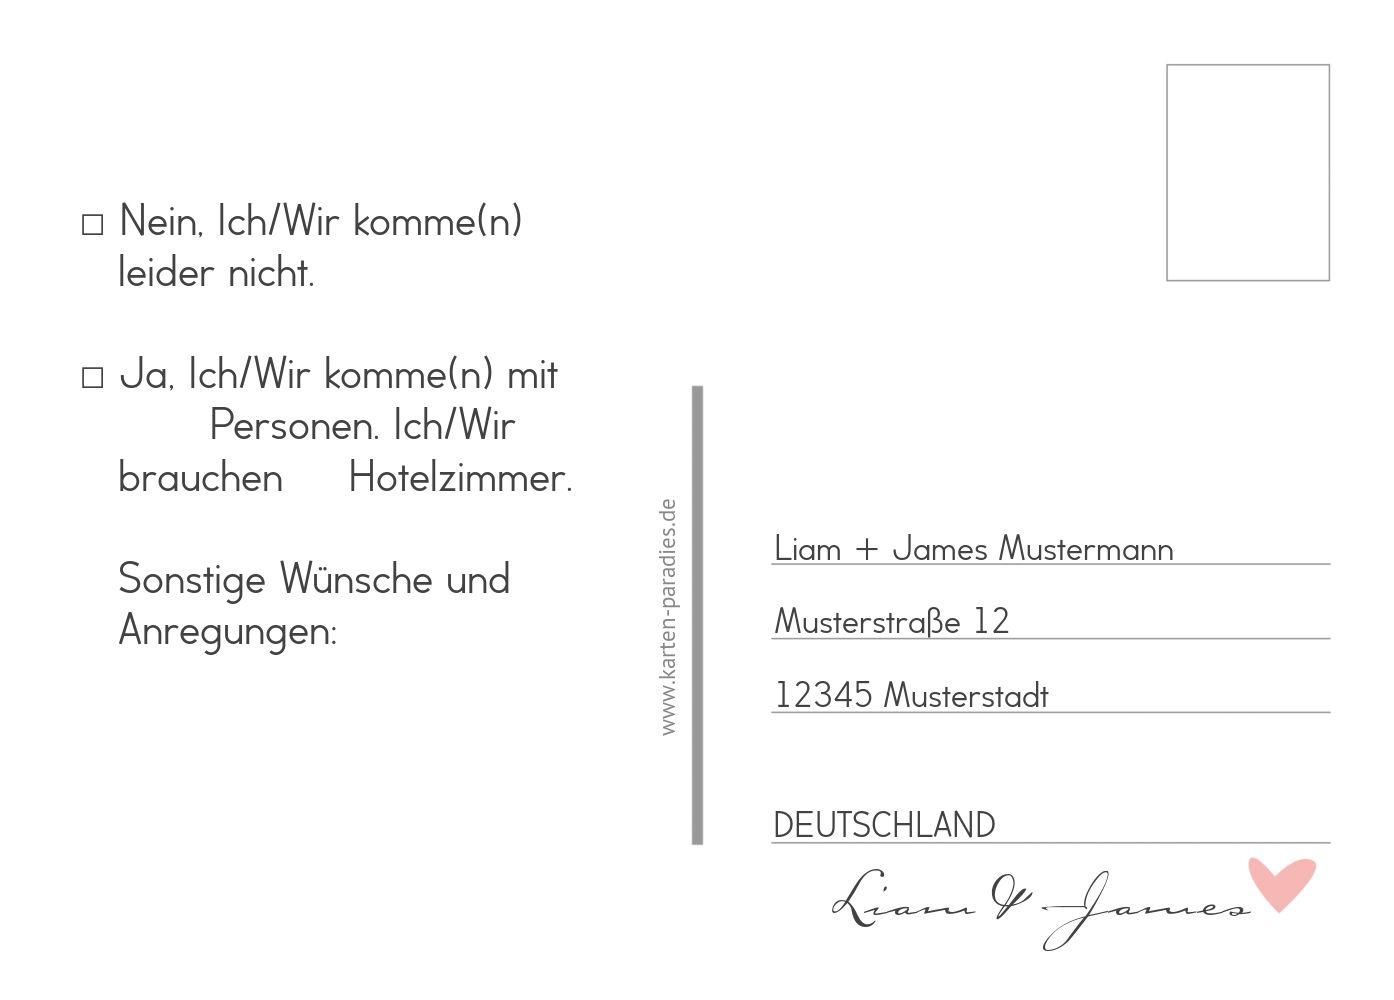 Ansicht 3 - Antwortkarte Pärchen - Männer